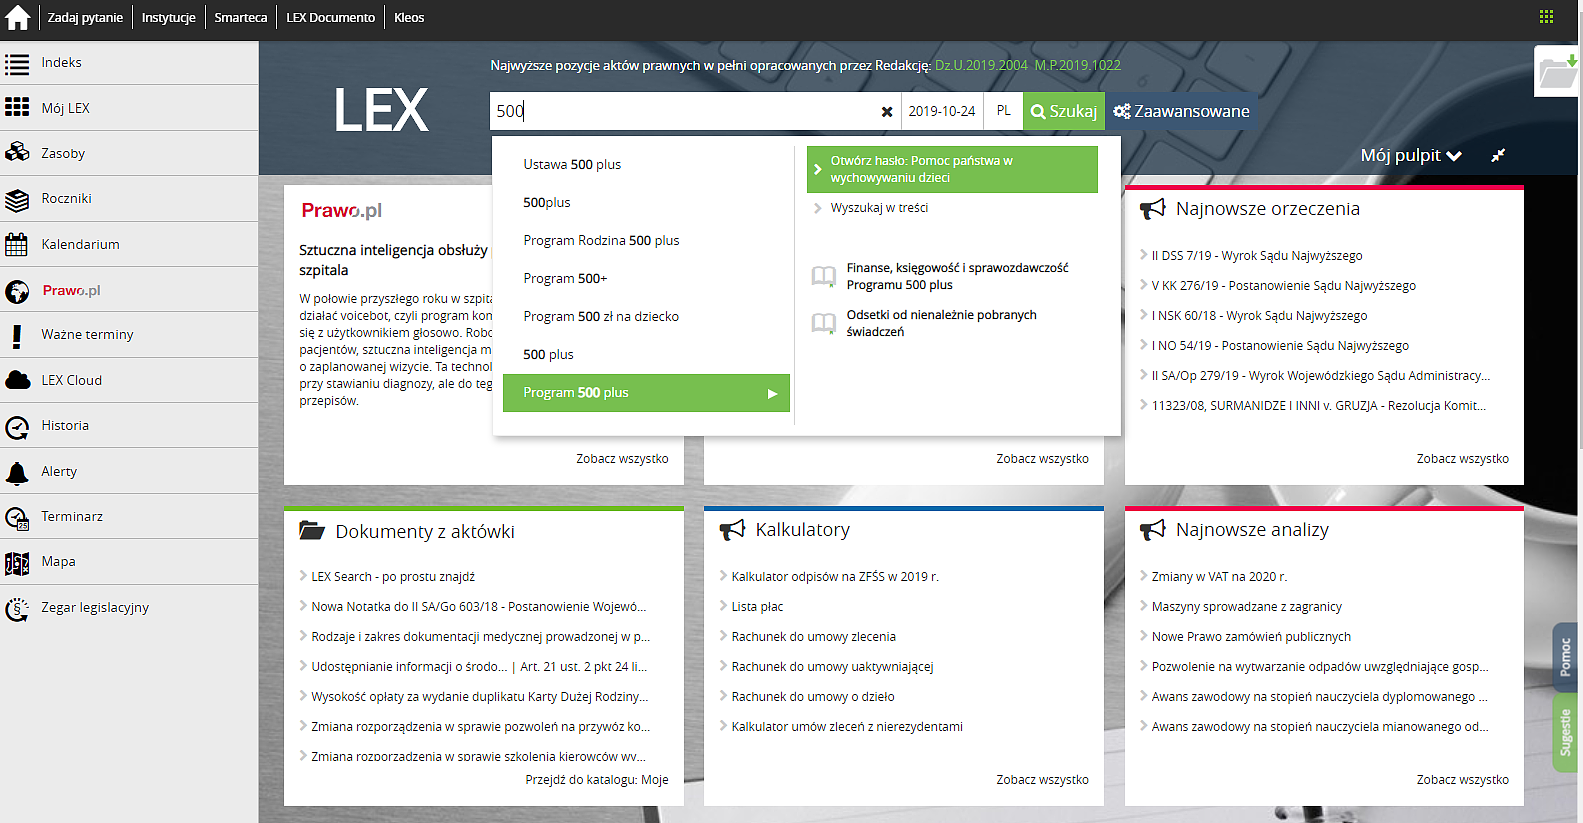 Wyszukiwanie LEX: Indeks haseł zawsze na czasie! – fot. 1